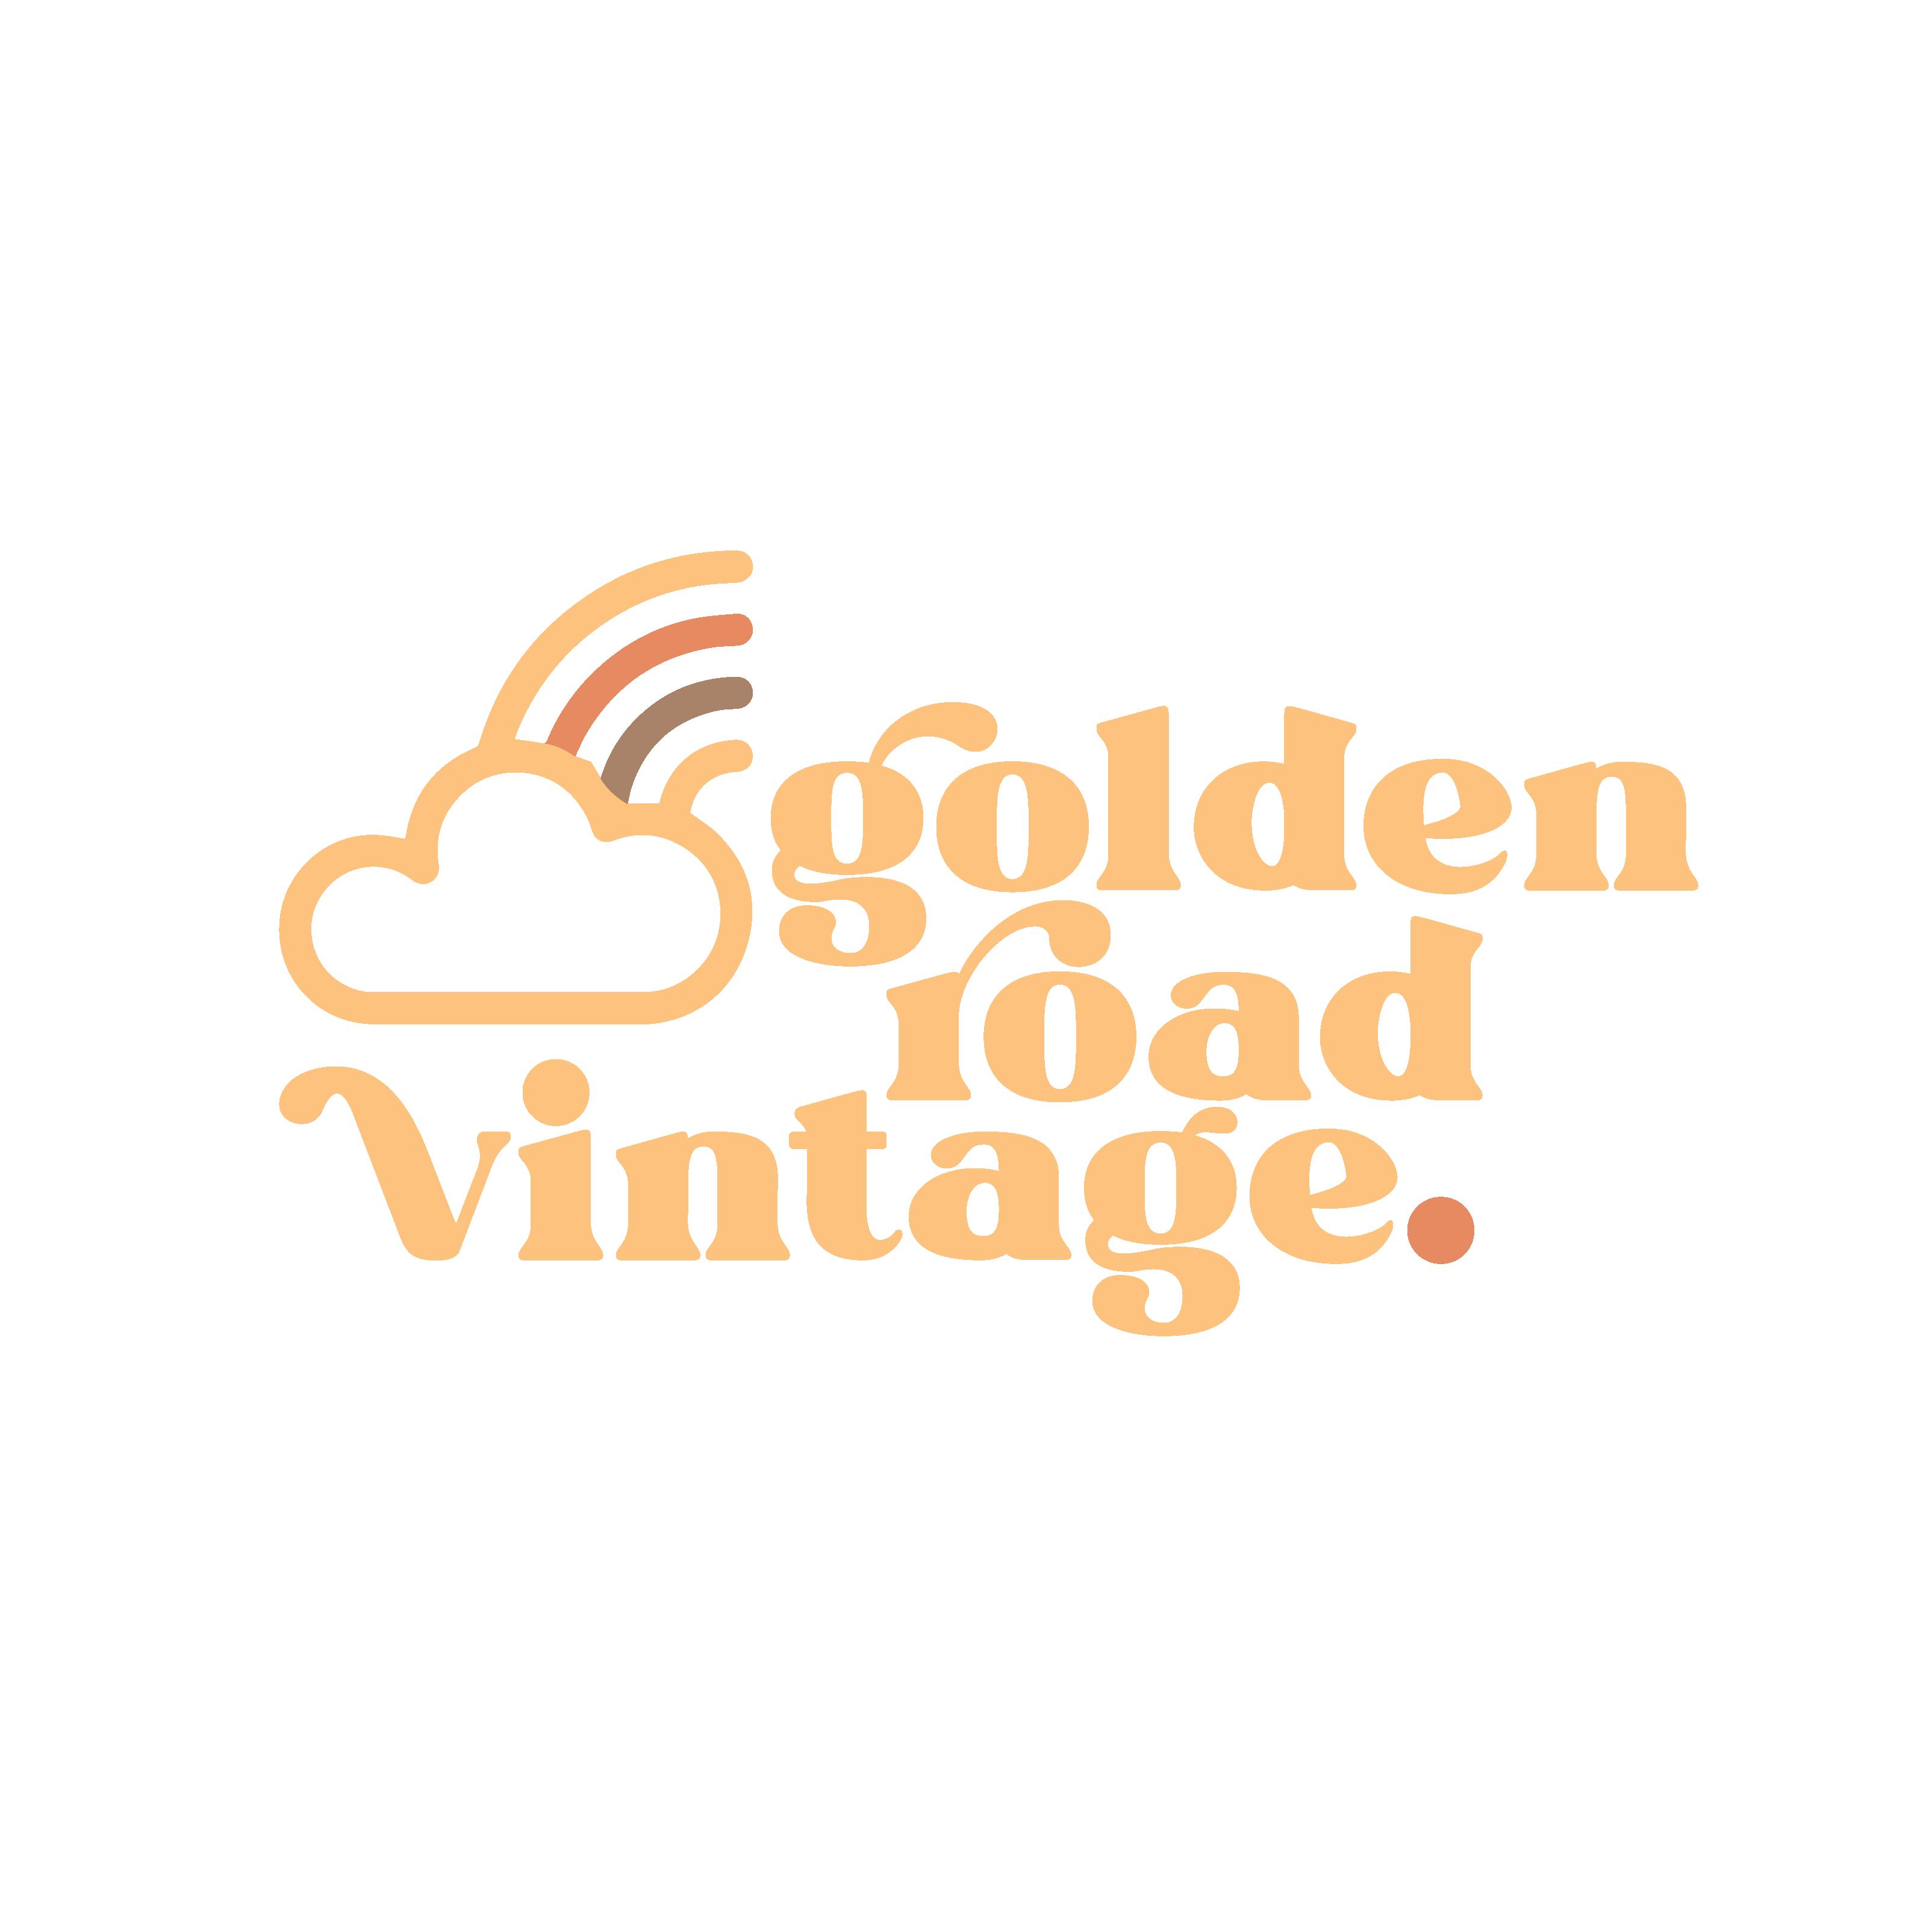 Golden Road Vintage